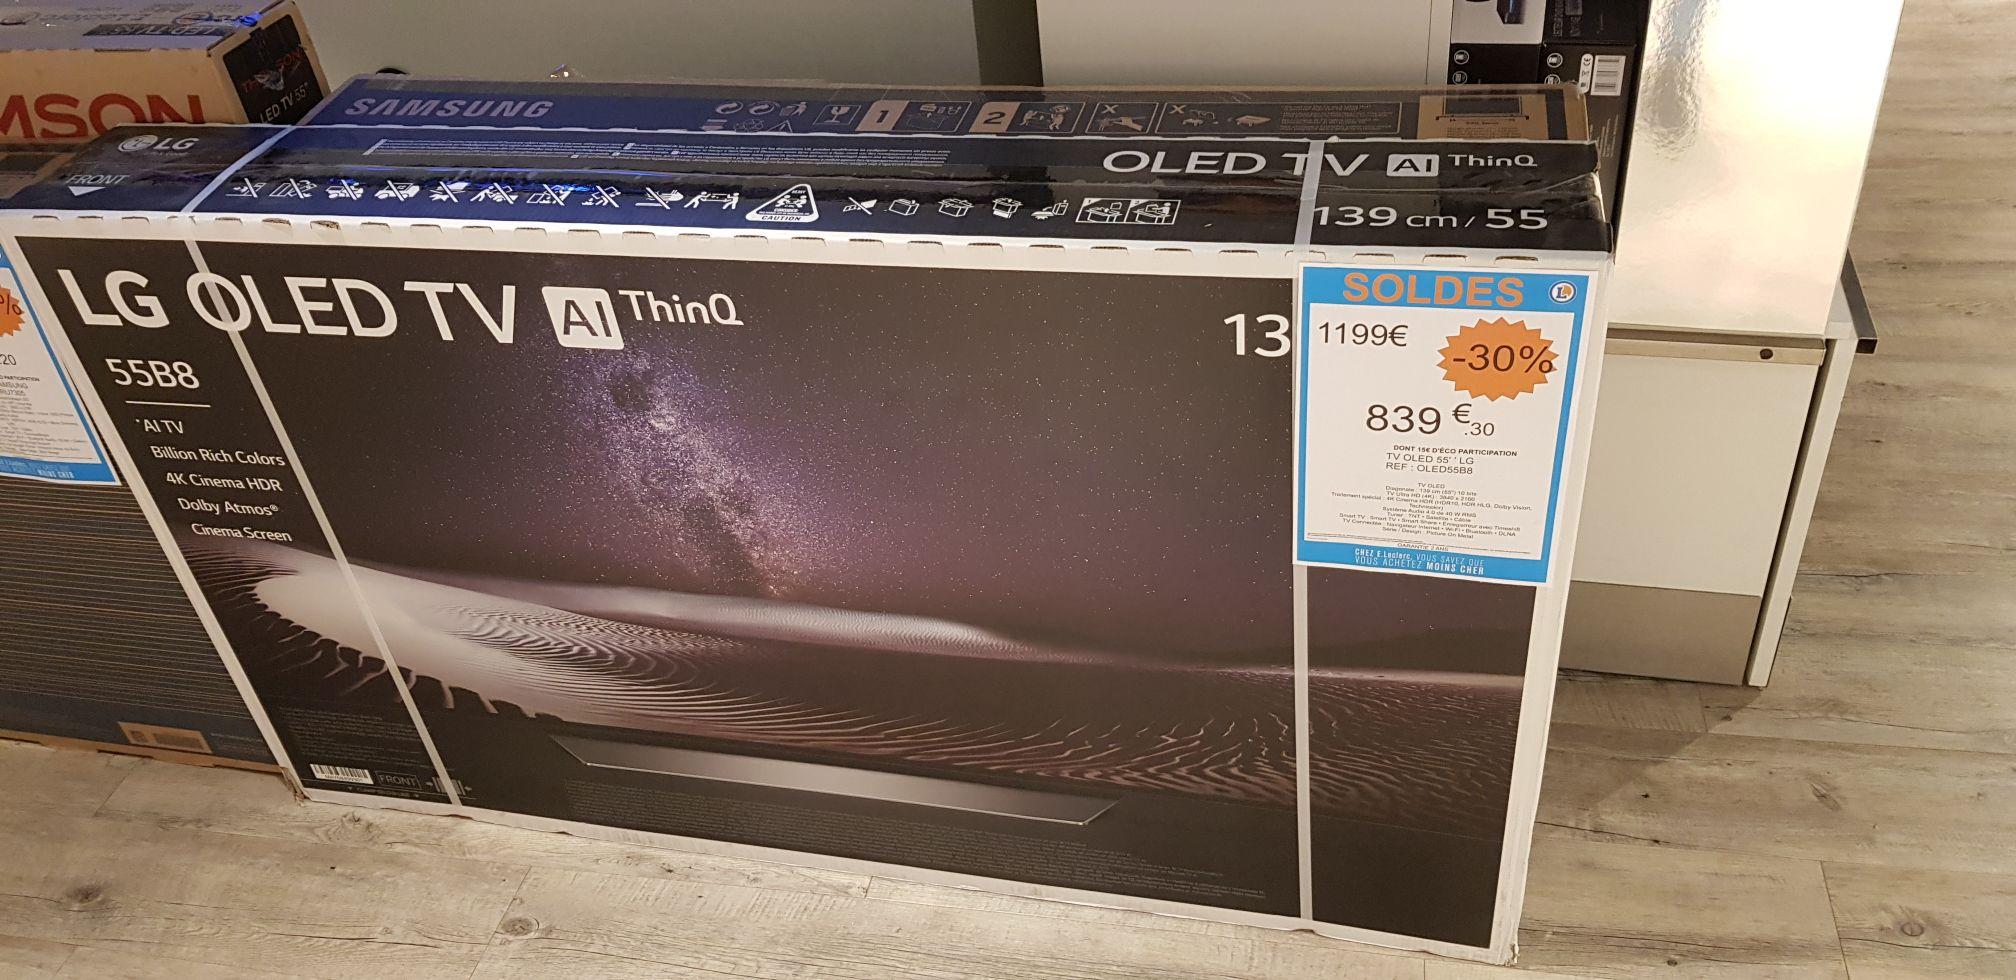 """Sélection de TV en promotion - Ex: TV 55"""" LG 55B8 - UHD 4K, OLED, HDR Dolby Vision, Son Dolby Atmos, Smart TV - Raon l'étape (88)"""